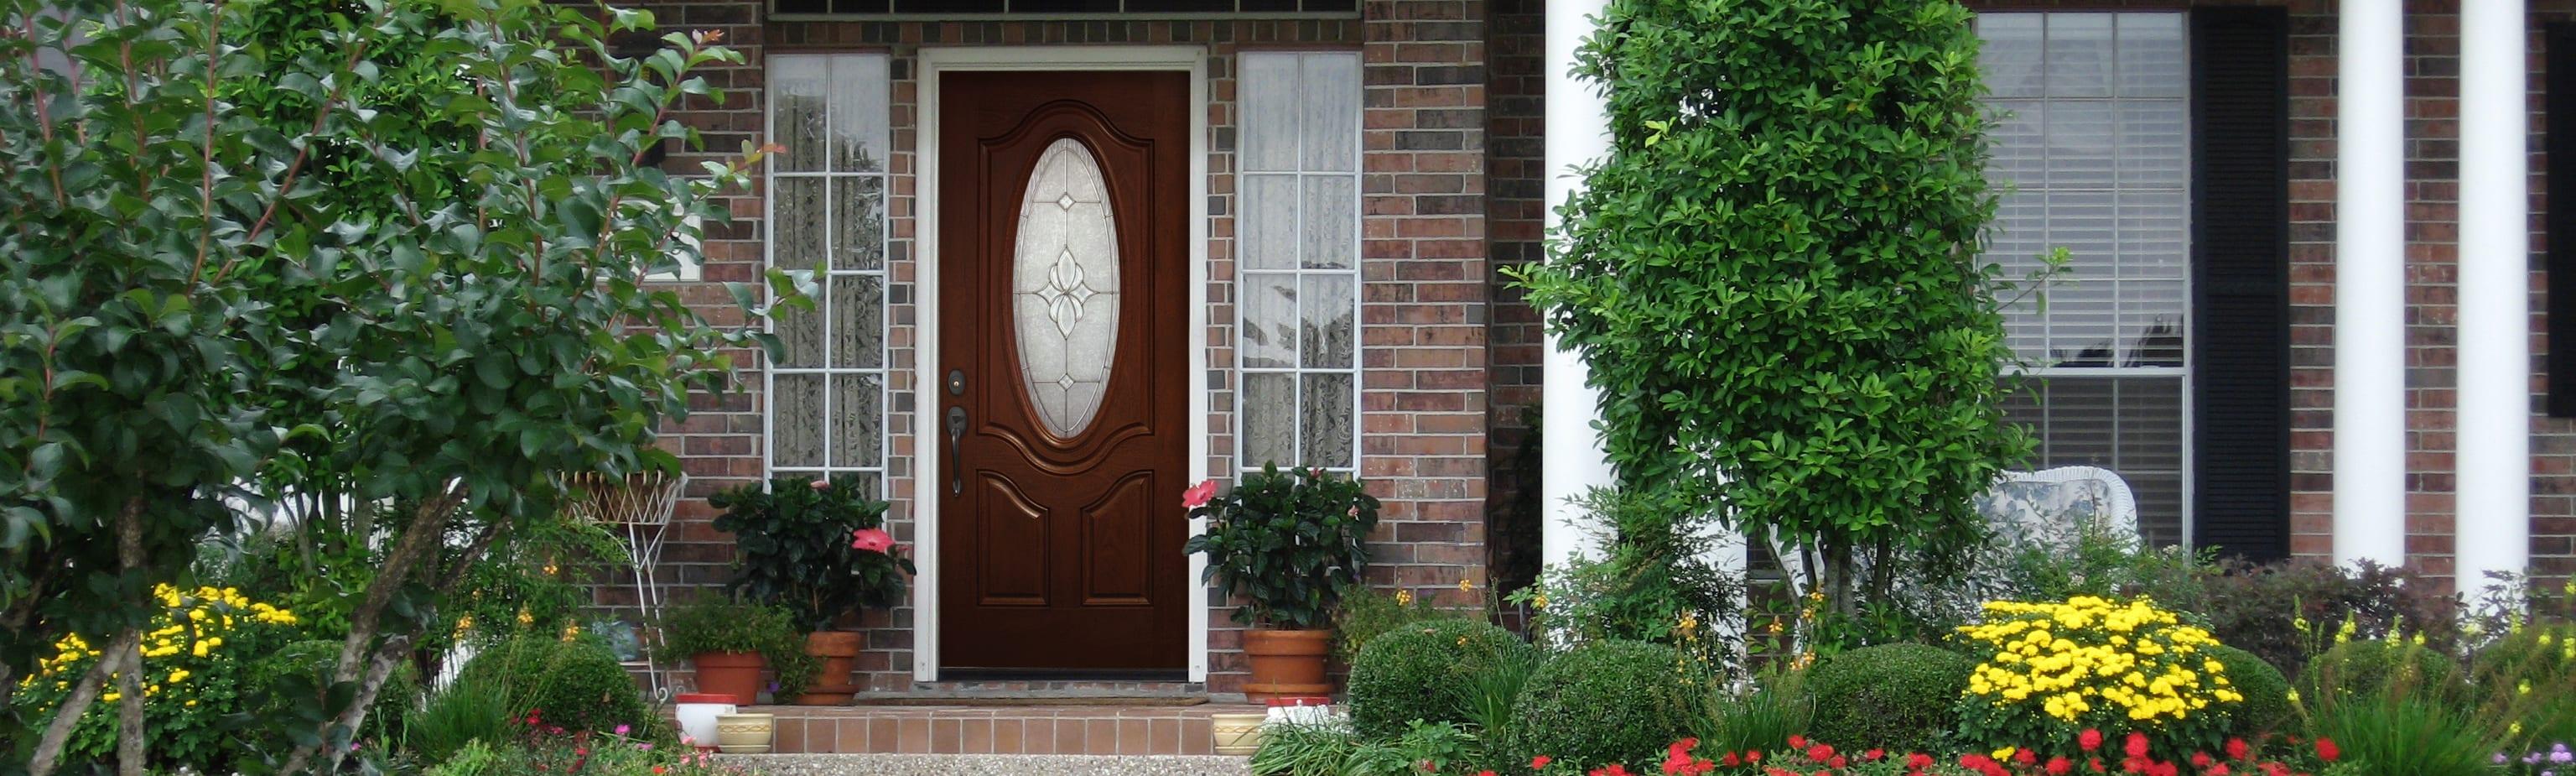 Entry Door Home Scene